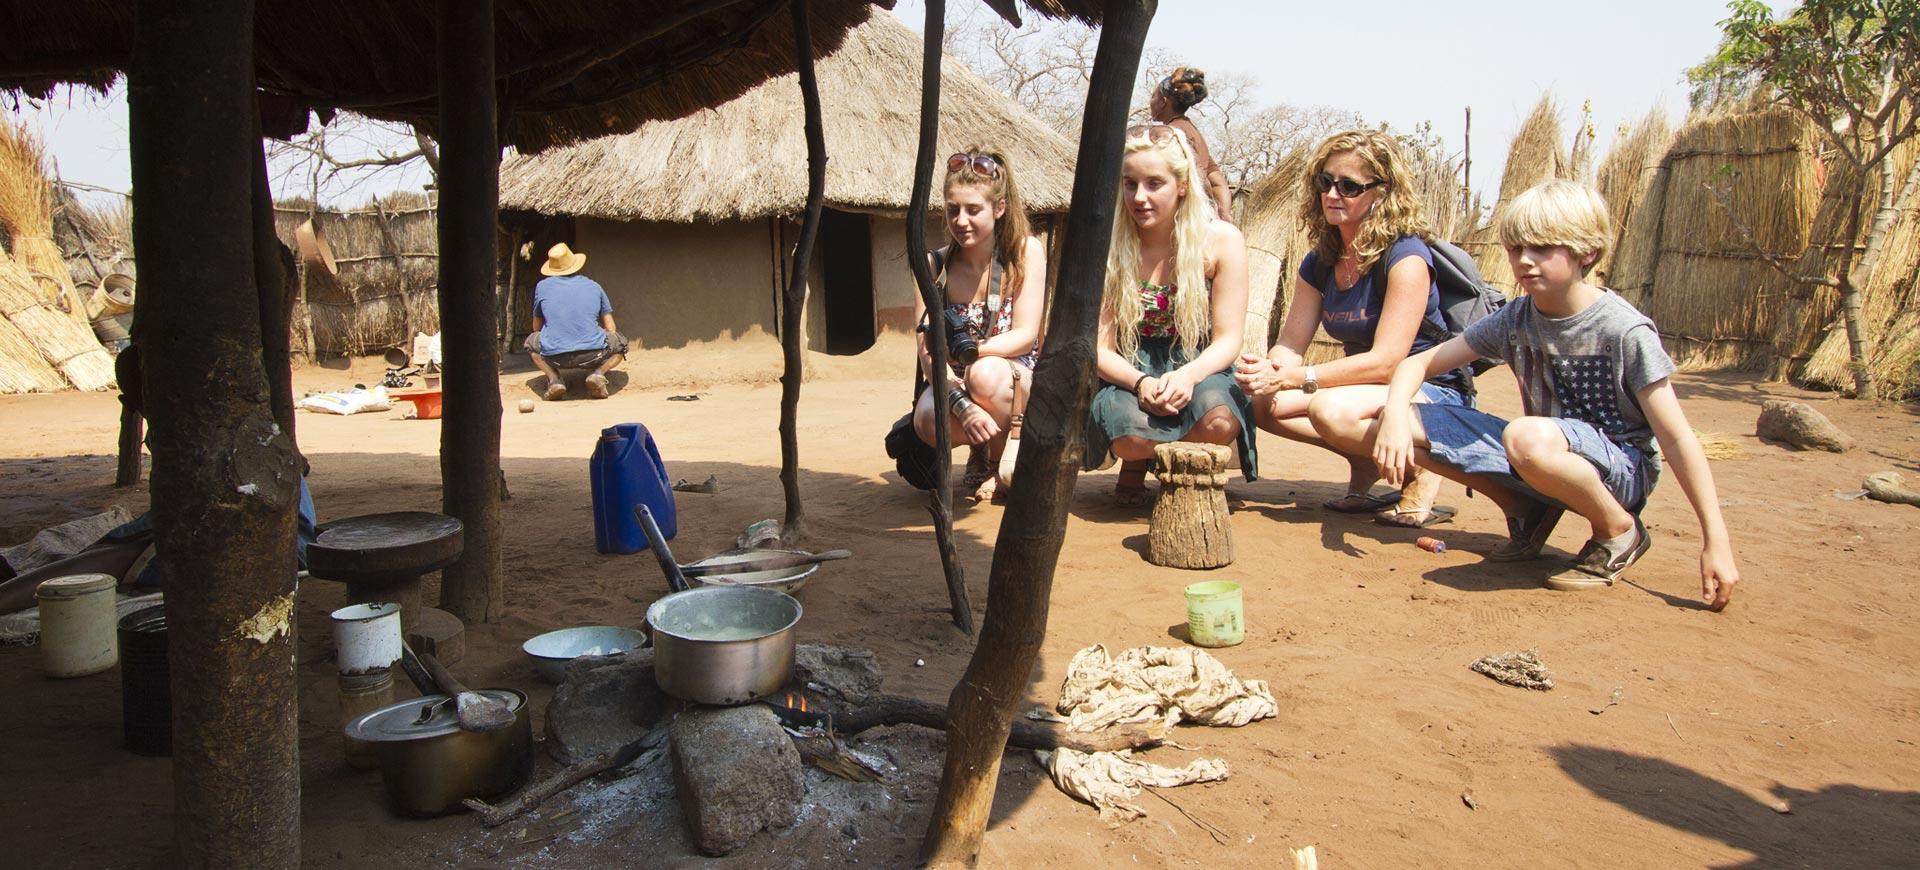 Victoria Falls Cultural Village Tour